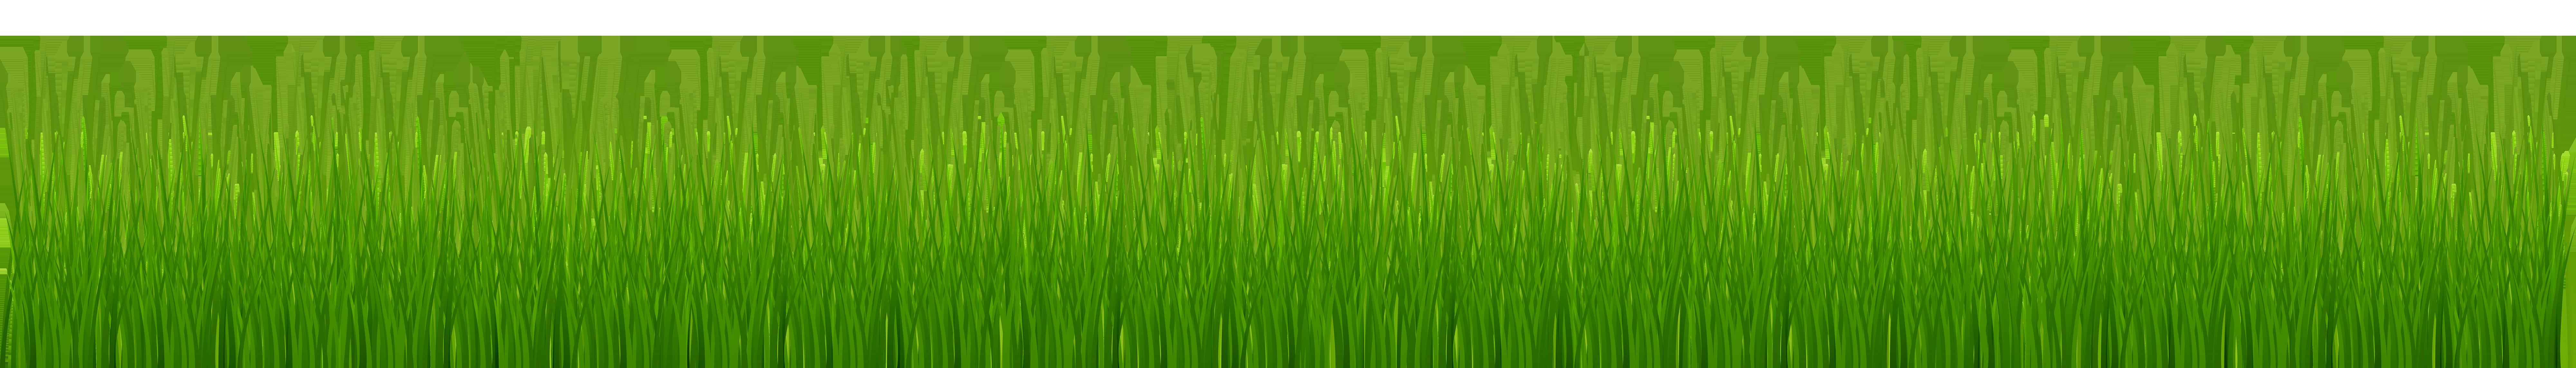 Garden png clip art. Clipart grass fodder